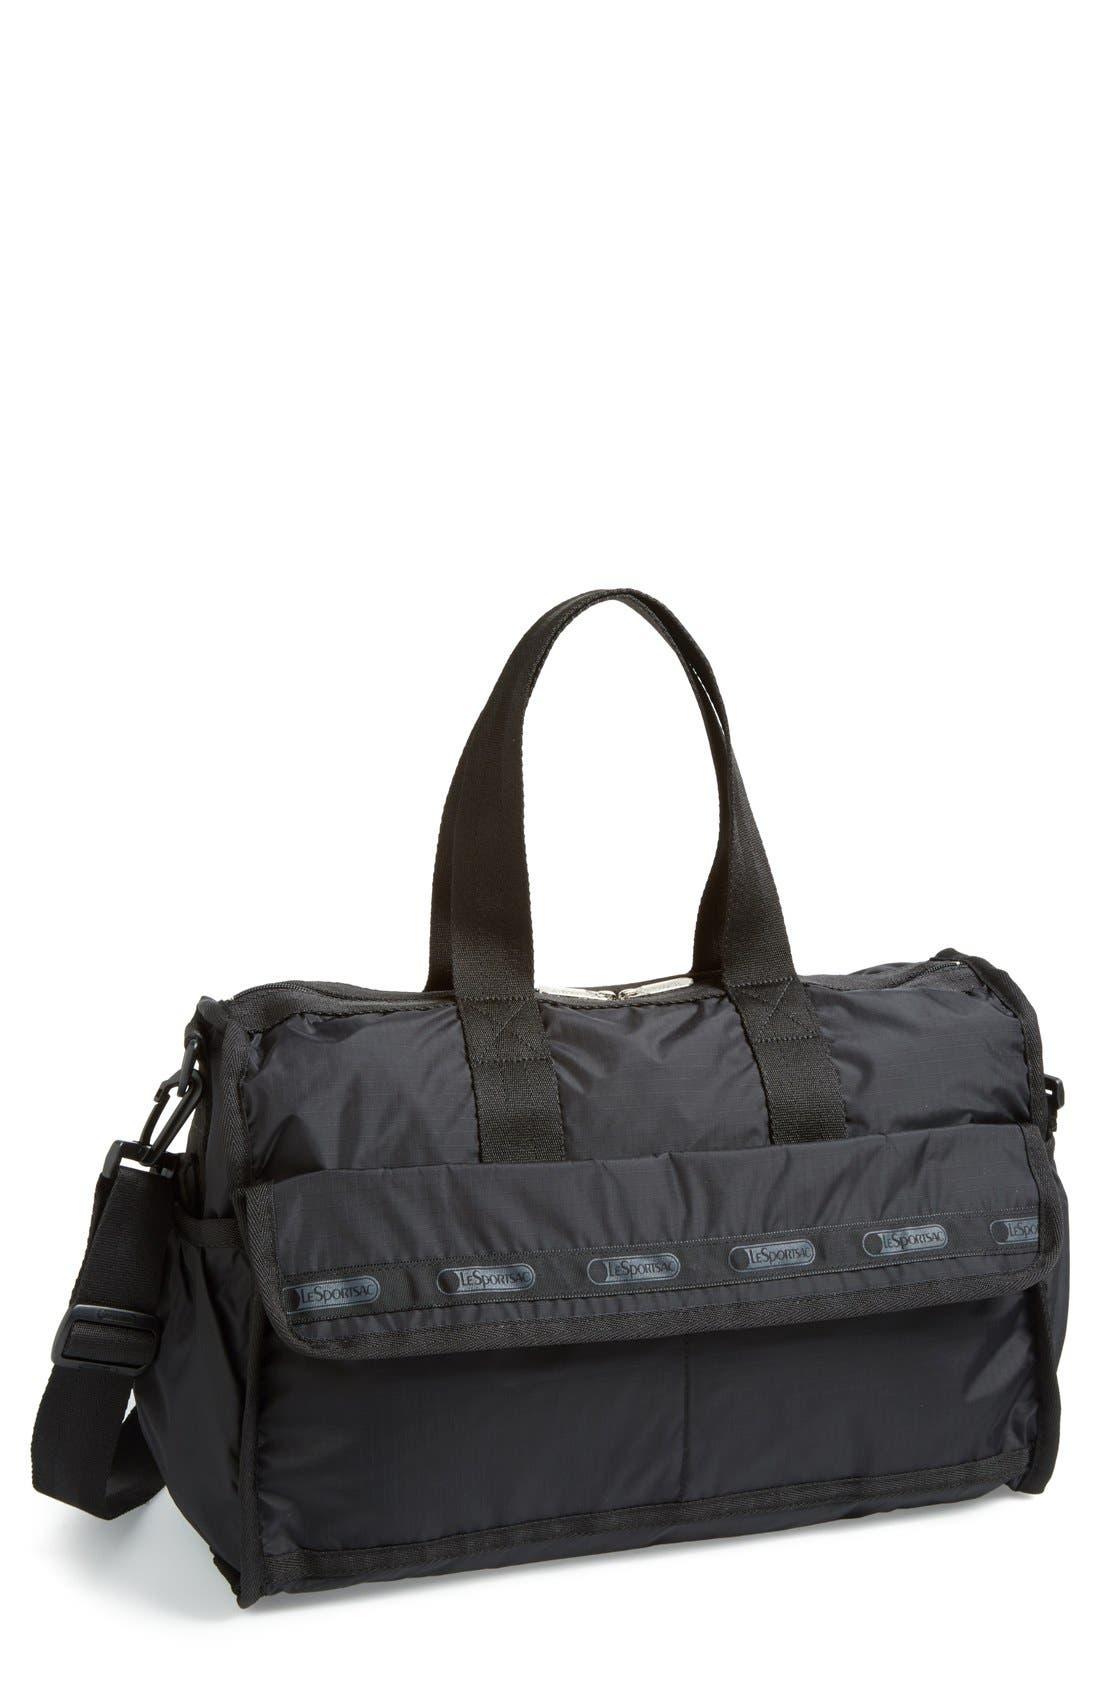 Main Image - LeSportsac 'Travel' Baby Bag